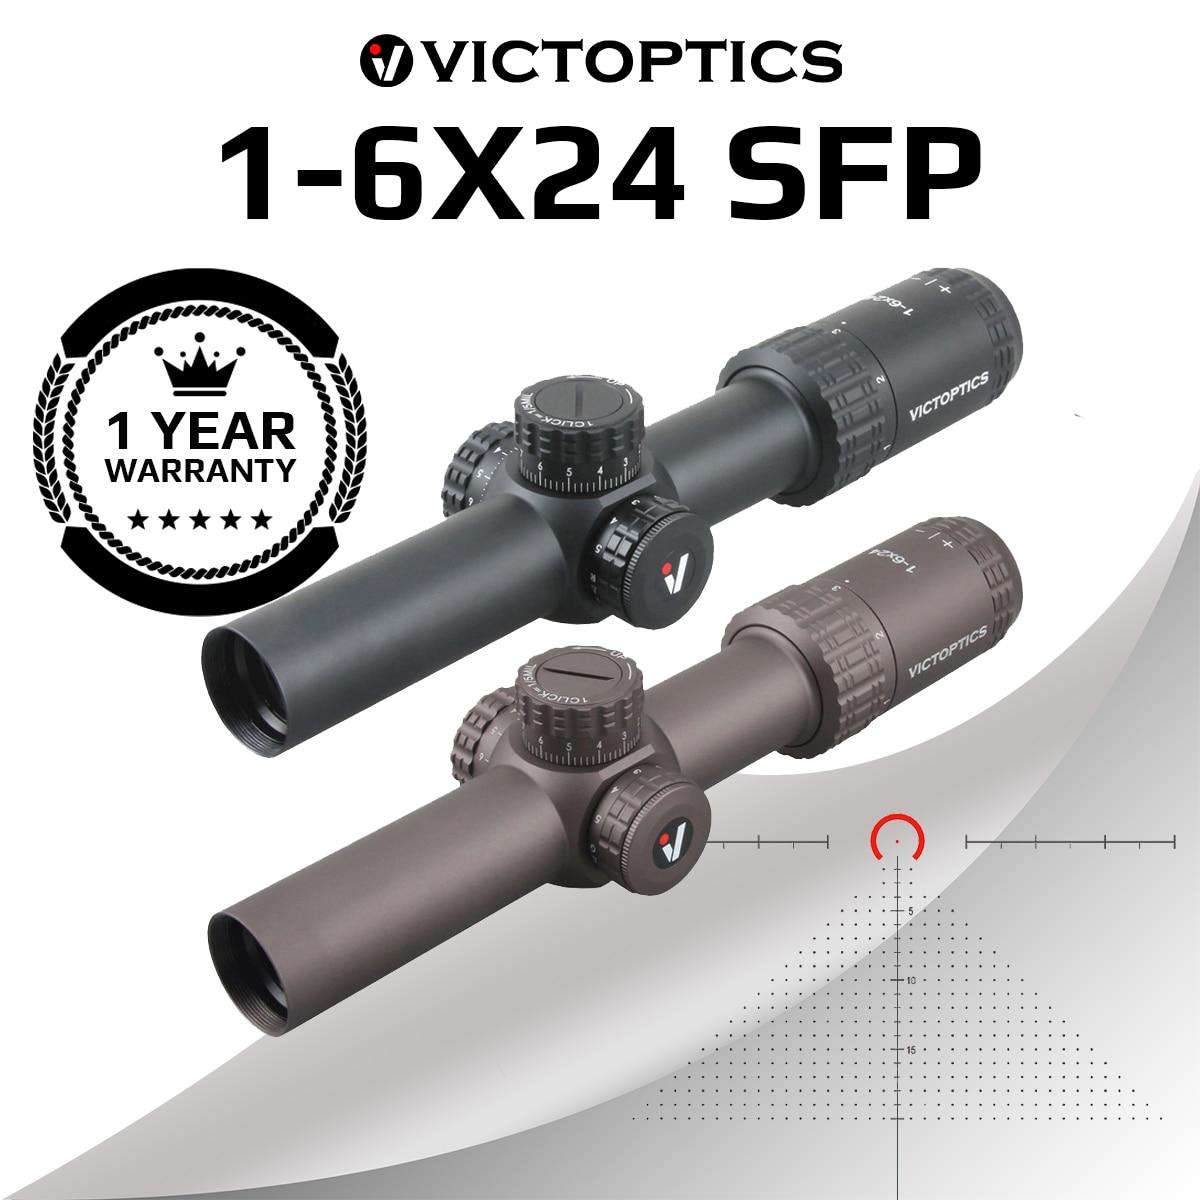 Victoptica – lunette de visée S6 1-6×24 SFP, avec soulagement des yeux et éclairage, réglage 1/5 MIL, compacte, pour AR 15 .223 5.56